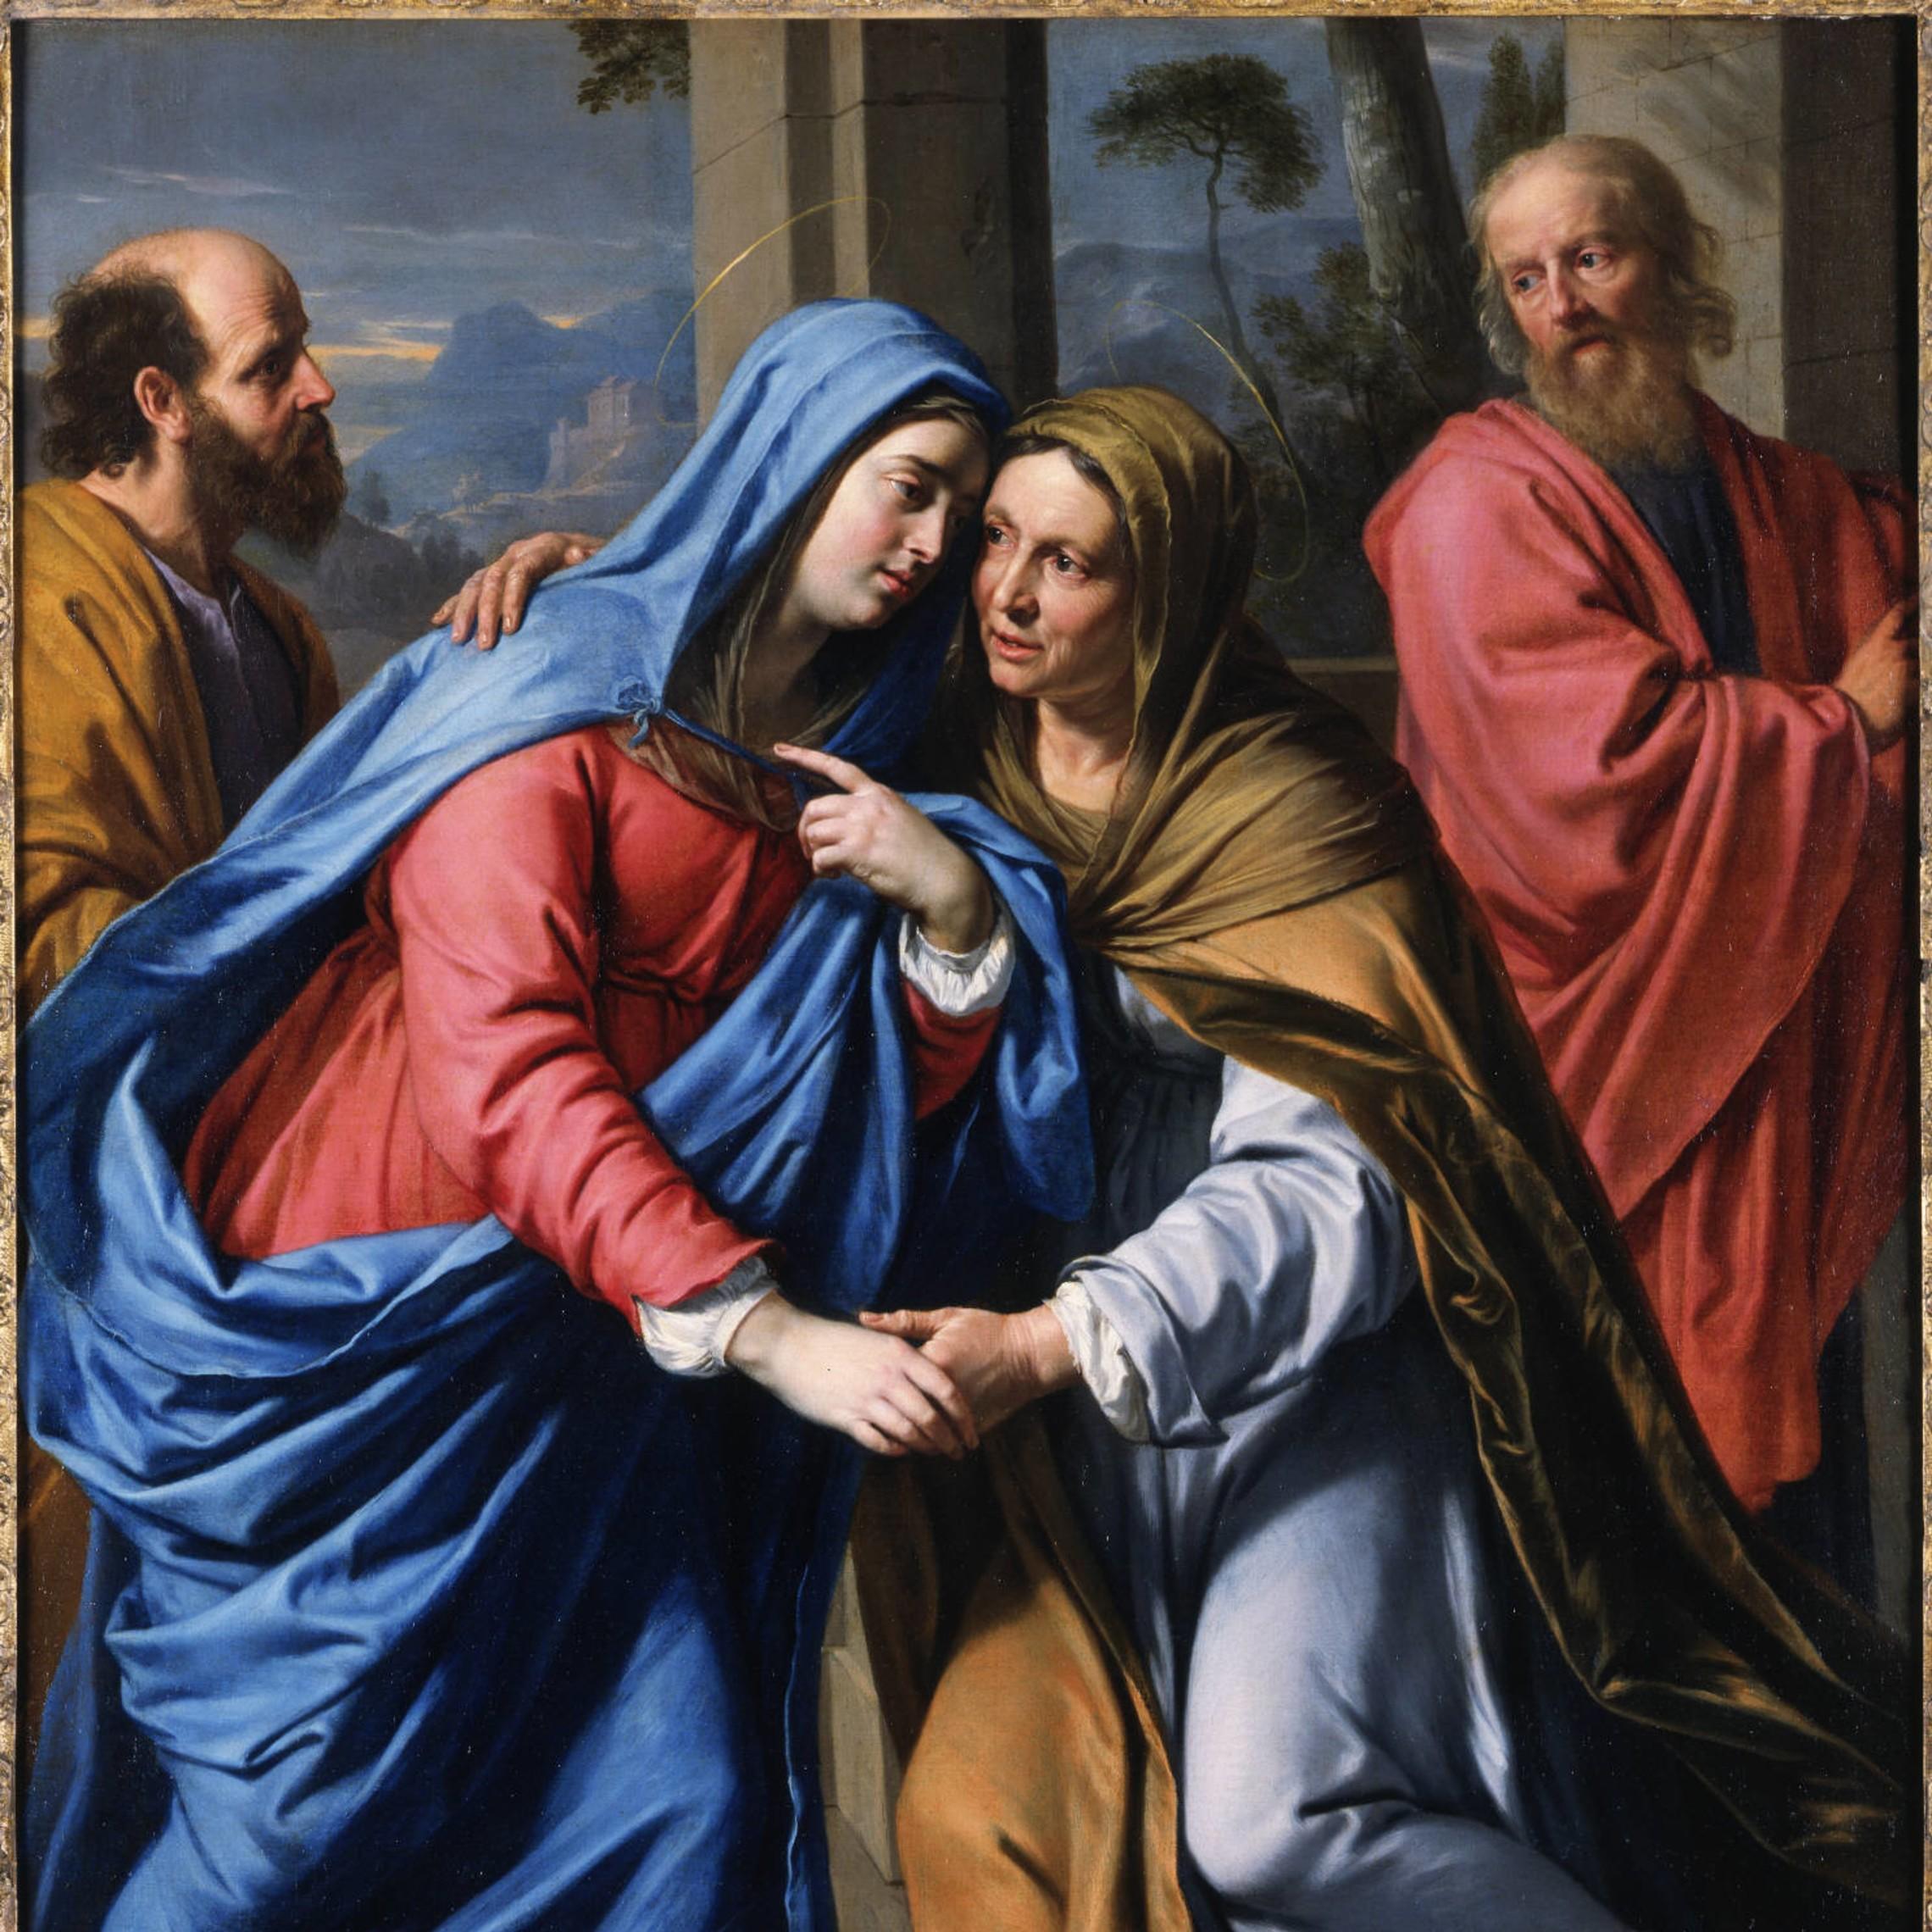 De Champaigne Philippe The Visitation 1643 48